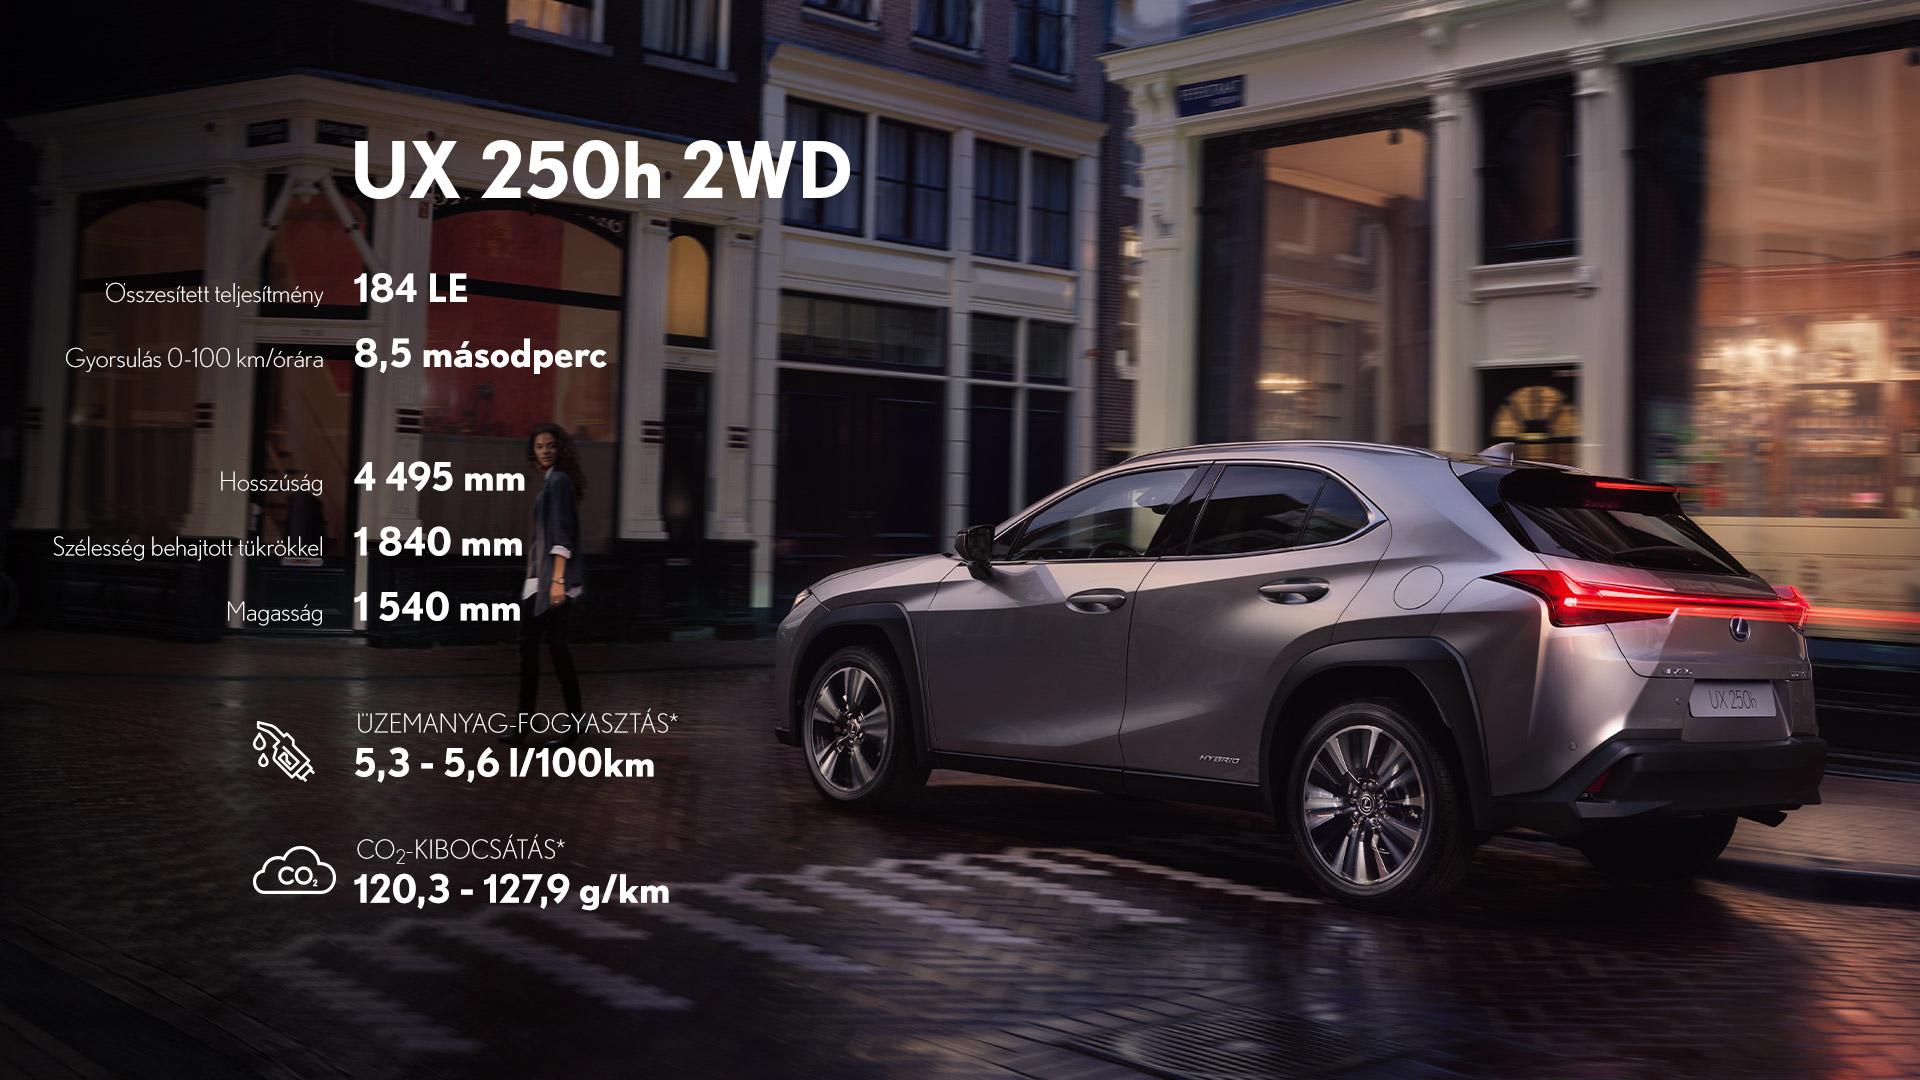 UX 250h 2wd spec